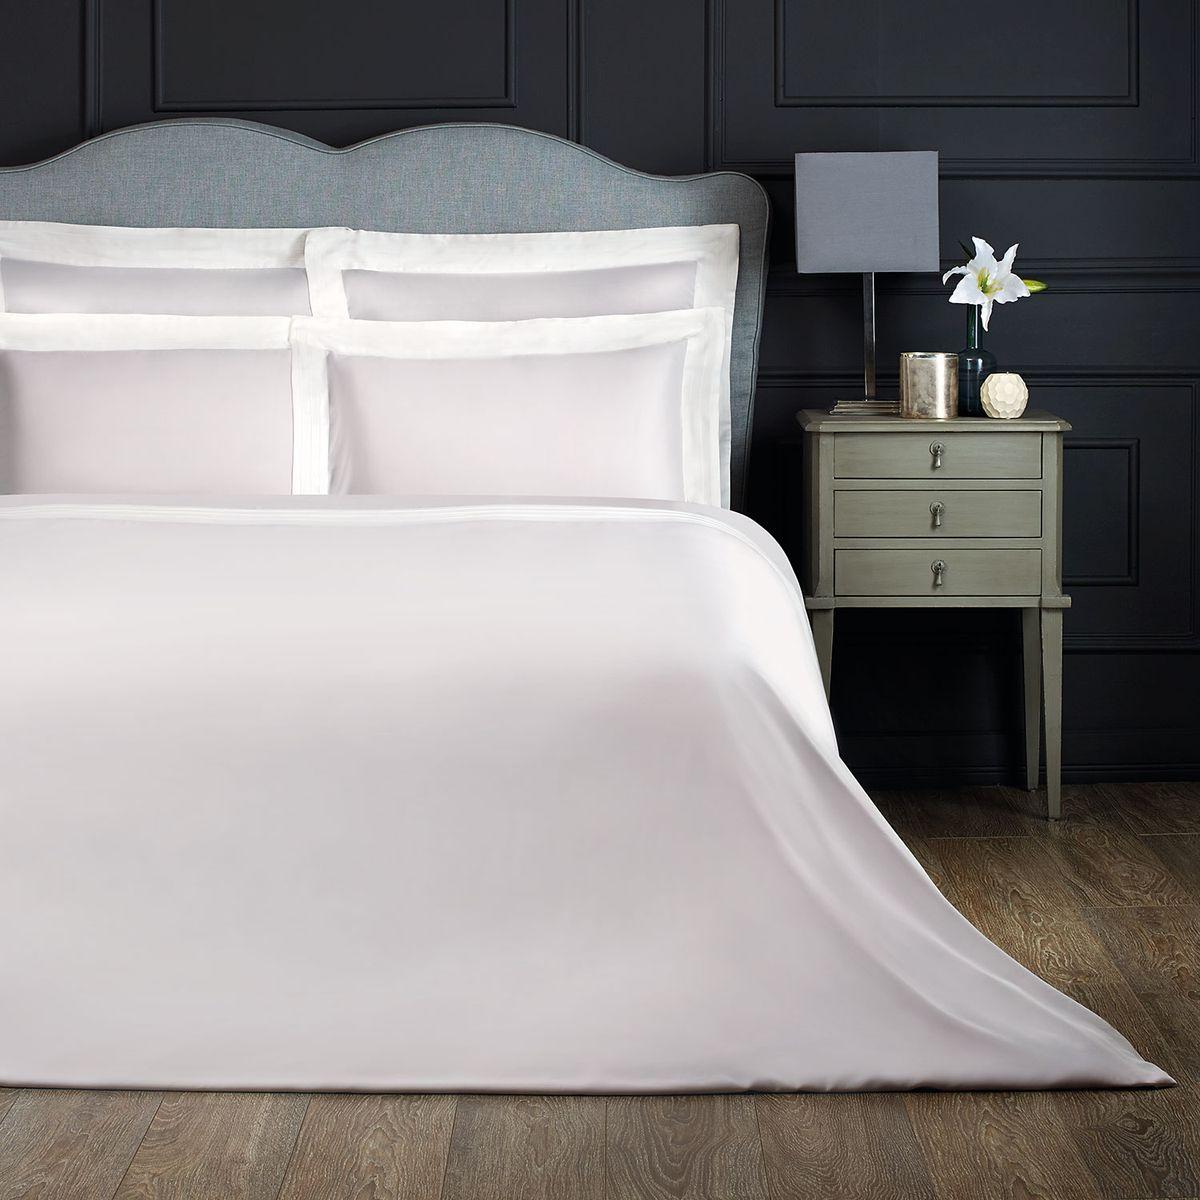 Комплект белья Togas Эдем, 2-спальный с евро простыней, наволочки 50х70, цвет: серый, белыйCLP446Комплект постельного белья Togas Эдем, выполненный из 100% бамбукового волокна, состоит из пододеяльника, простыни и двух наволочек. Изделия имеют классический крой. Бамбуковое волокно - регенерированное целлюлозное волокно, изготовленное из стебля бамбука.Комплект постельного белья Togas Эдем гармонично впишется в интерьер вашей спальни и создаст атмосферу уюта и комфорта.